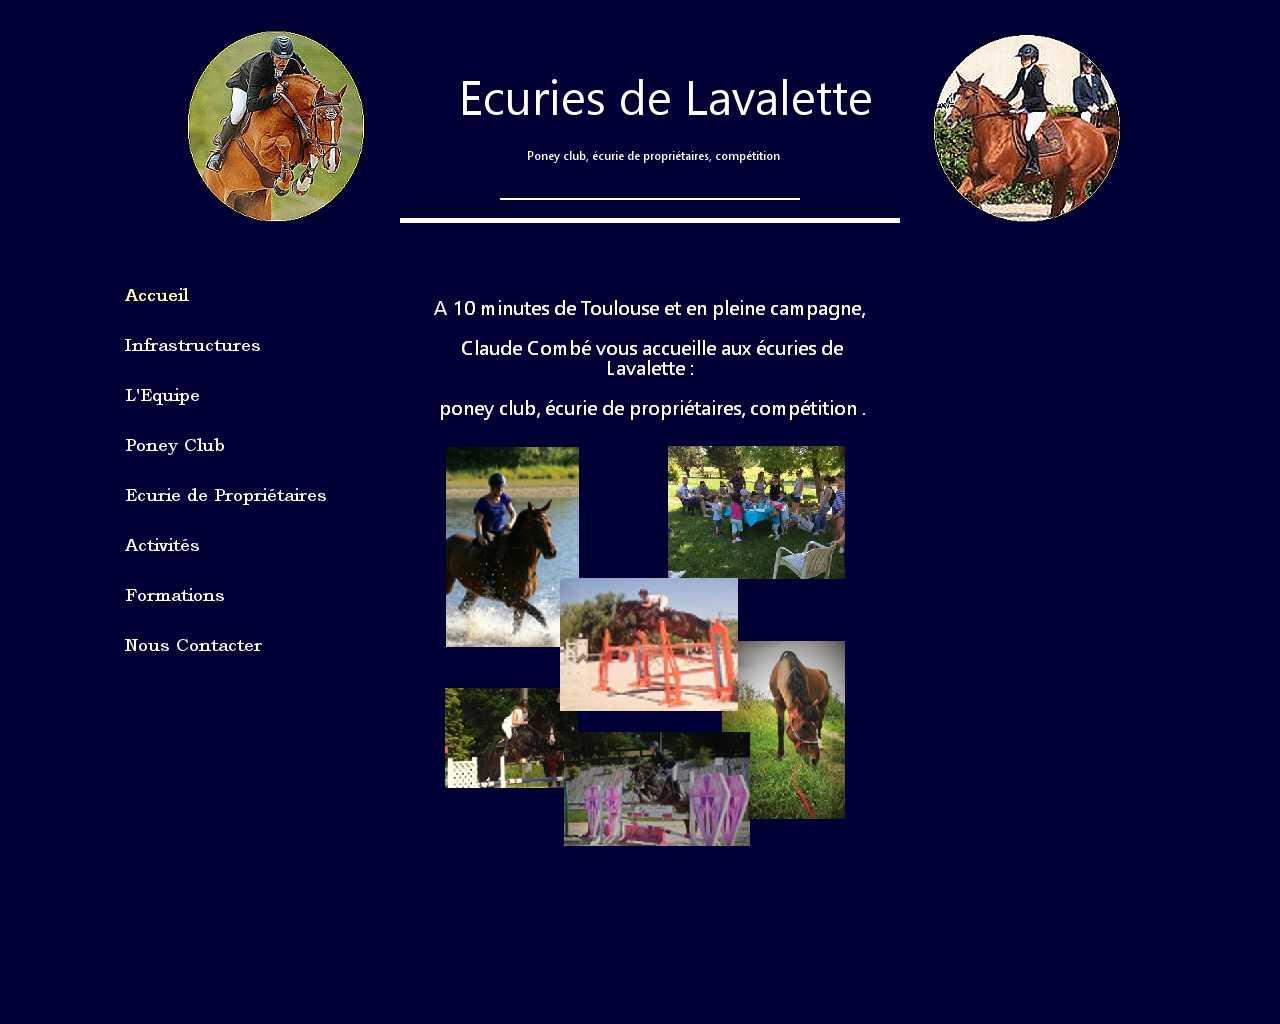 Ecurie de Lavalette